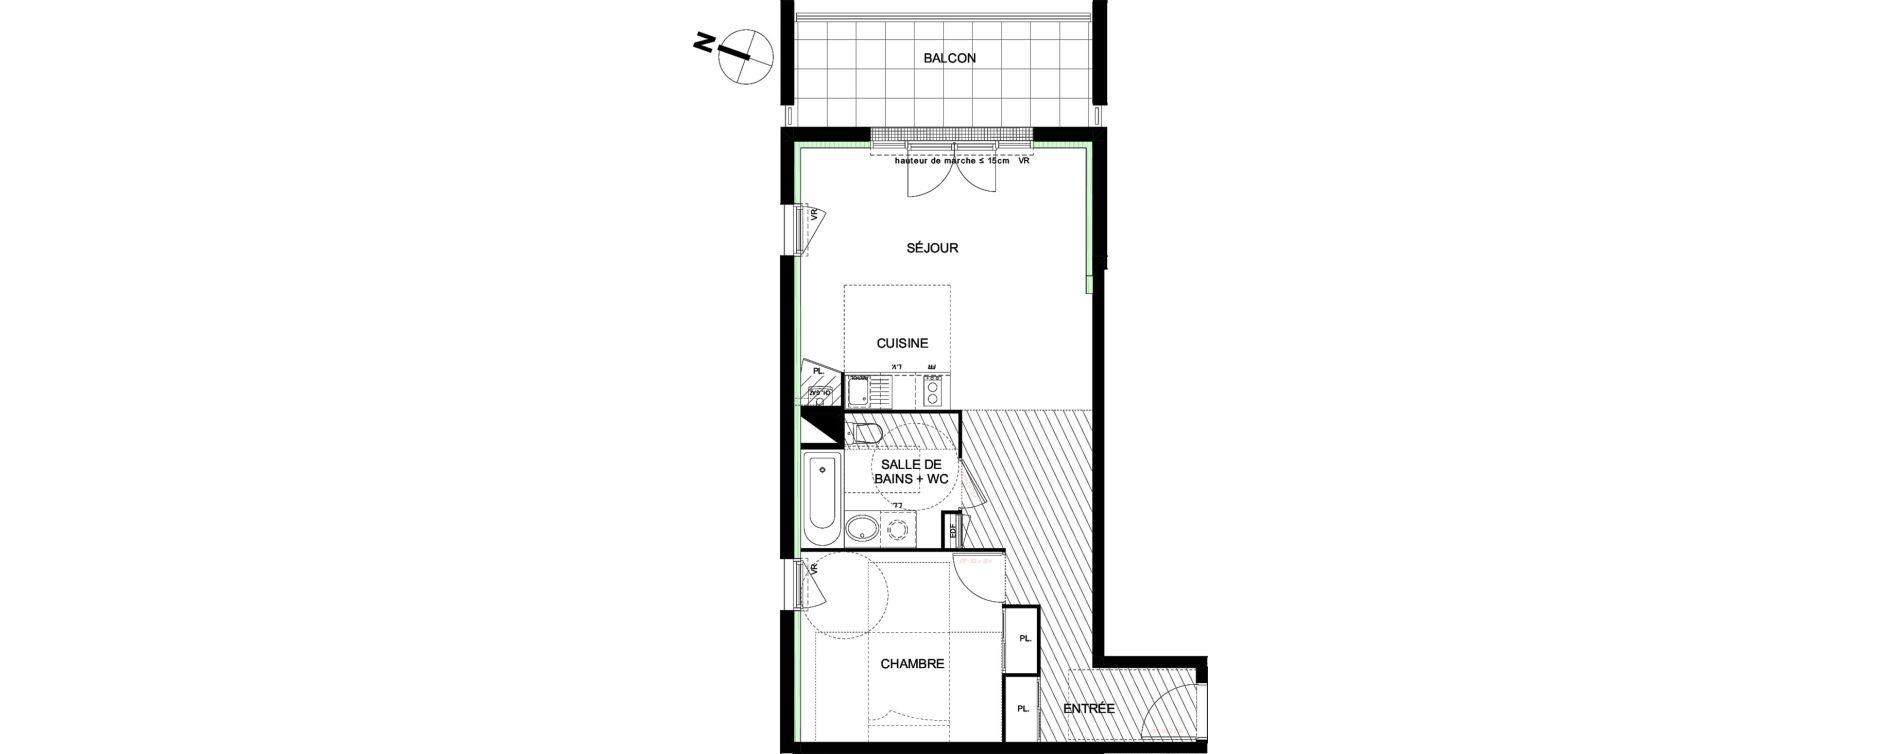 Appartement T2 de 51,92 m2 à Castanet-Tolosan Castanet tolosan centre